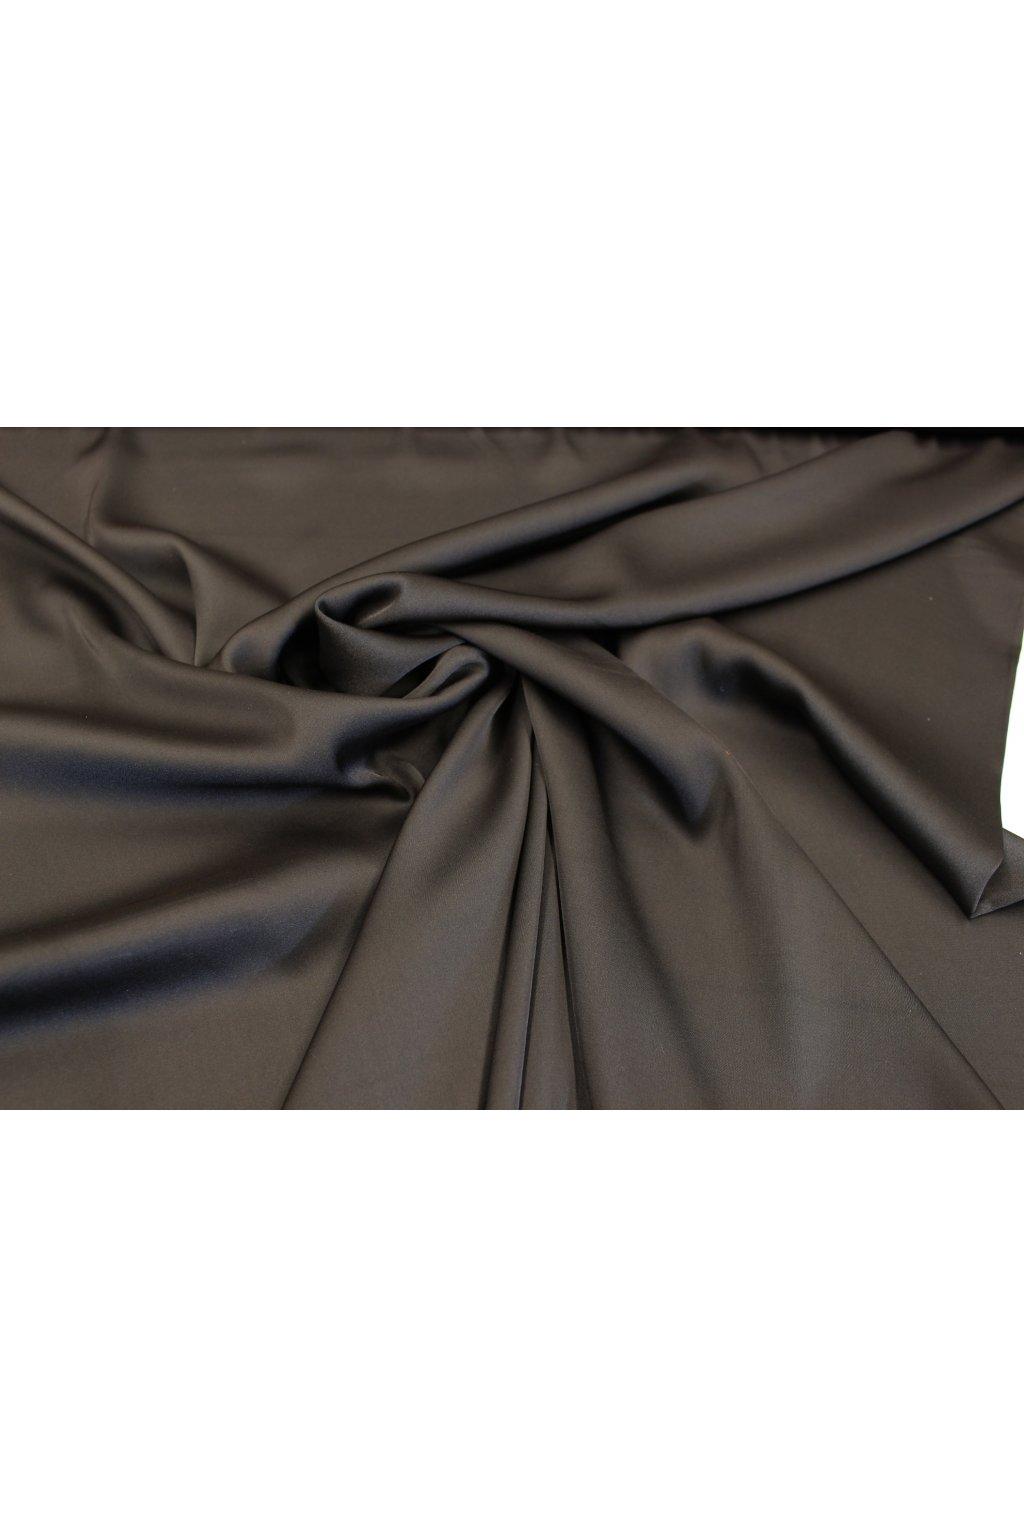 Šatovka hedvábí -black